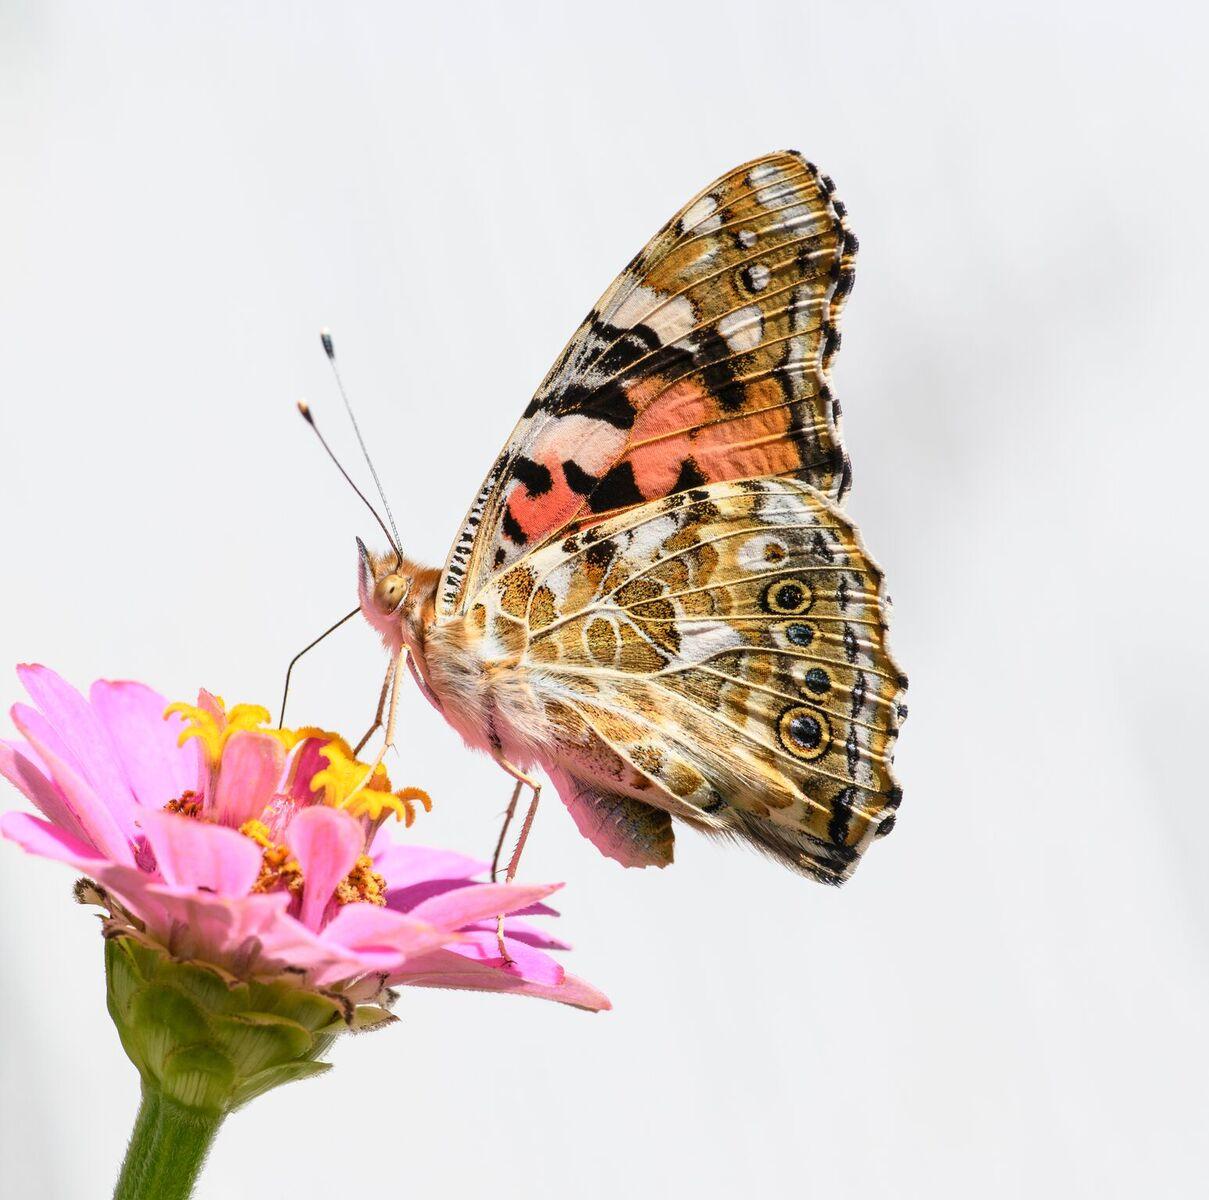 Un ejemplar de cardera libando de una flor (fotografía de perfil). Imagen: Vlad Dinca / CSIC